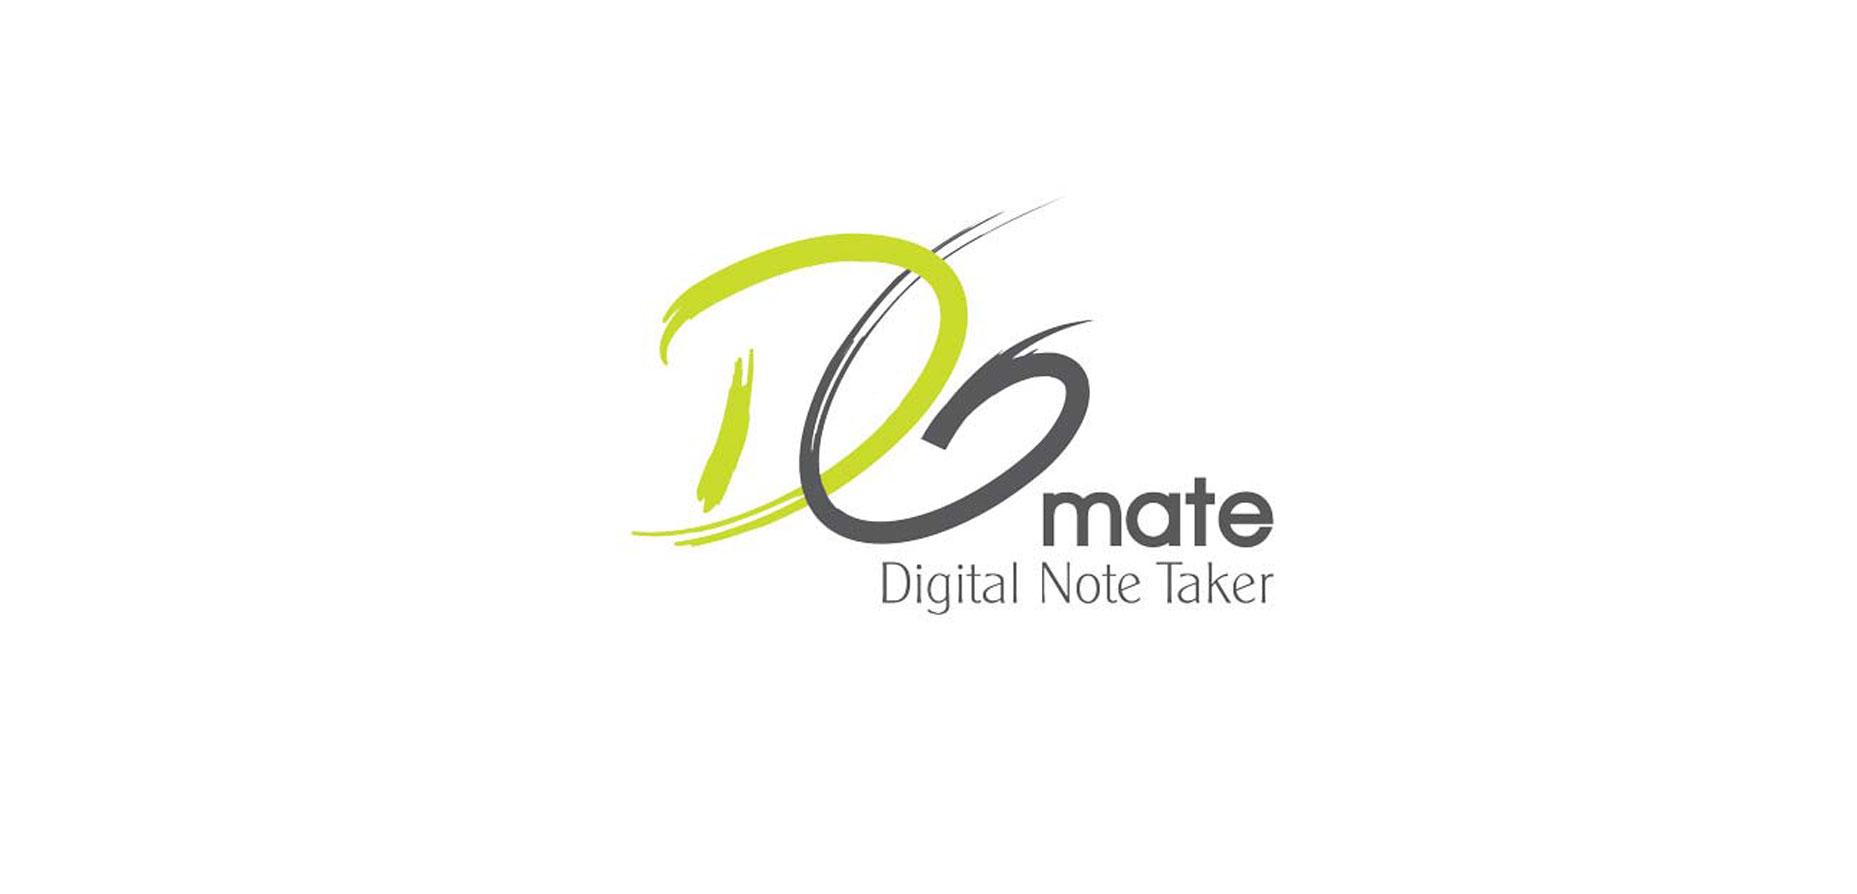 خدمات > طراحی گرافیک > طراحی لوگو و آرم | طراحی غرفه نمایشگاهیطراحی لوگو DG Mate